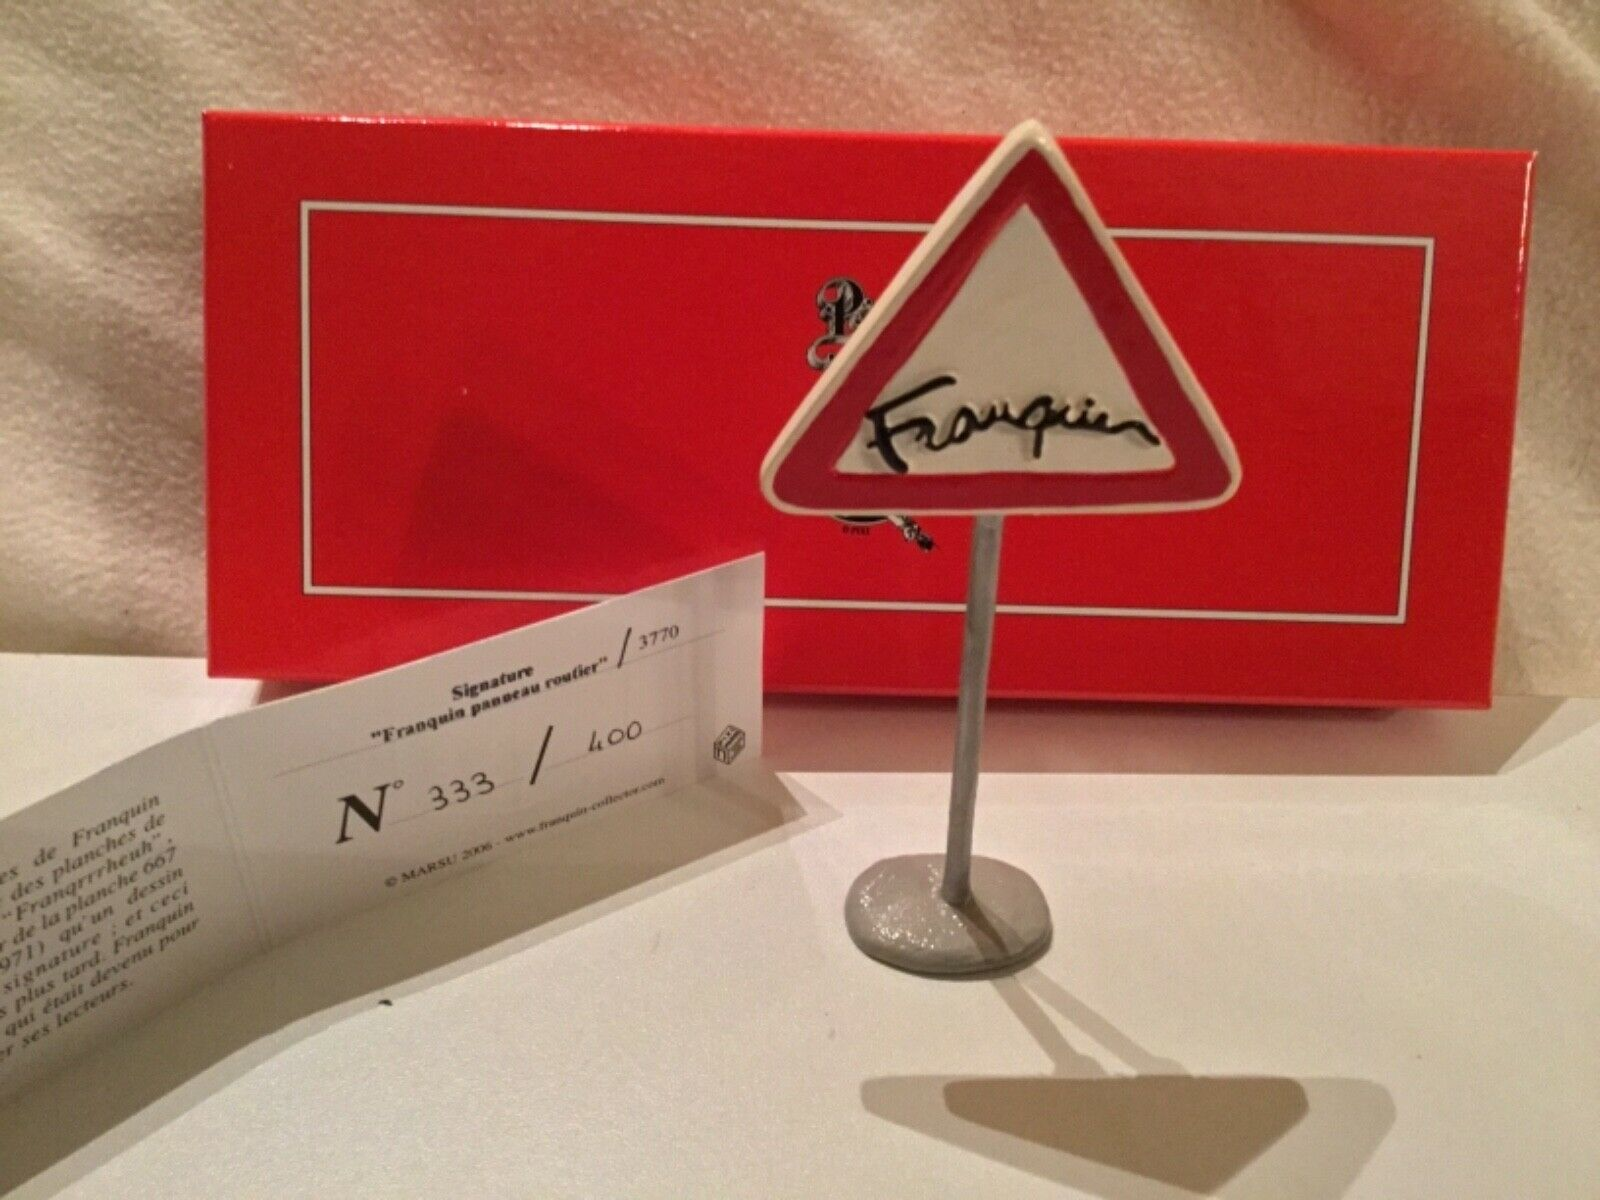 PIXI Franquin Signature Le panneau routier REF 3770